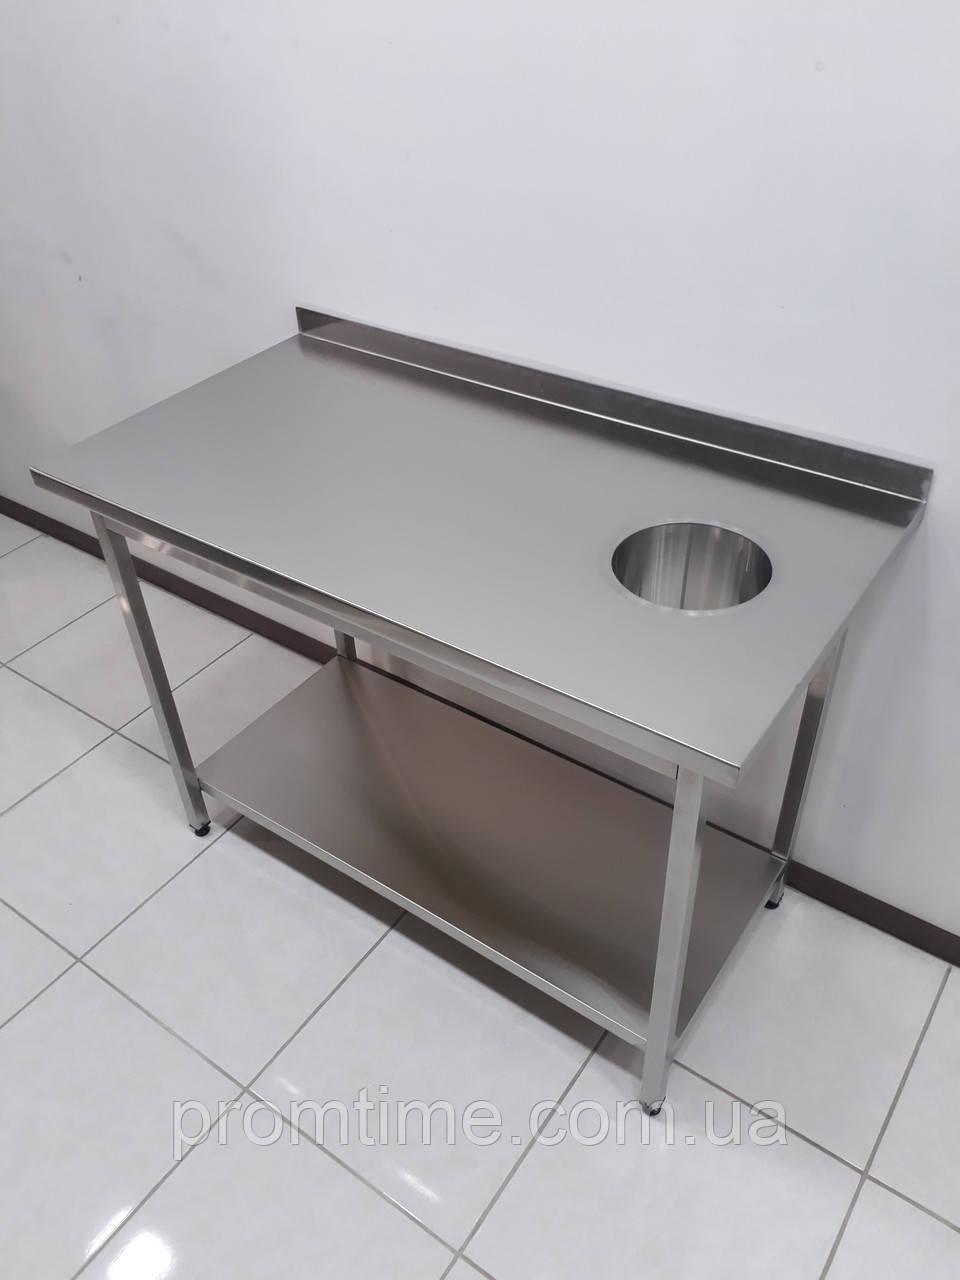 Стол для сбора отходов из нержавеющей стали 1160х600х850